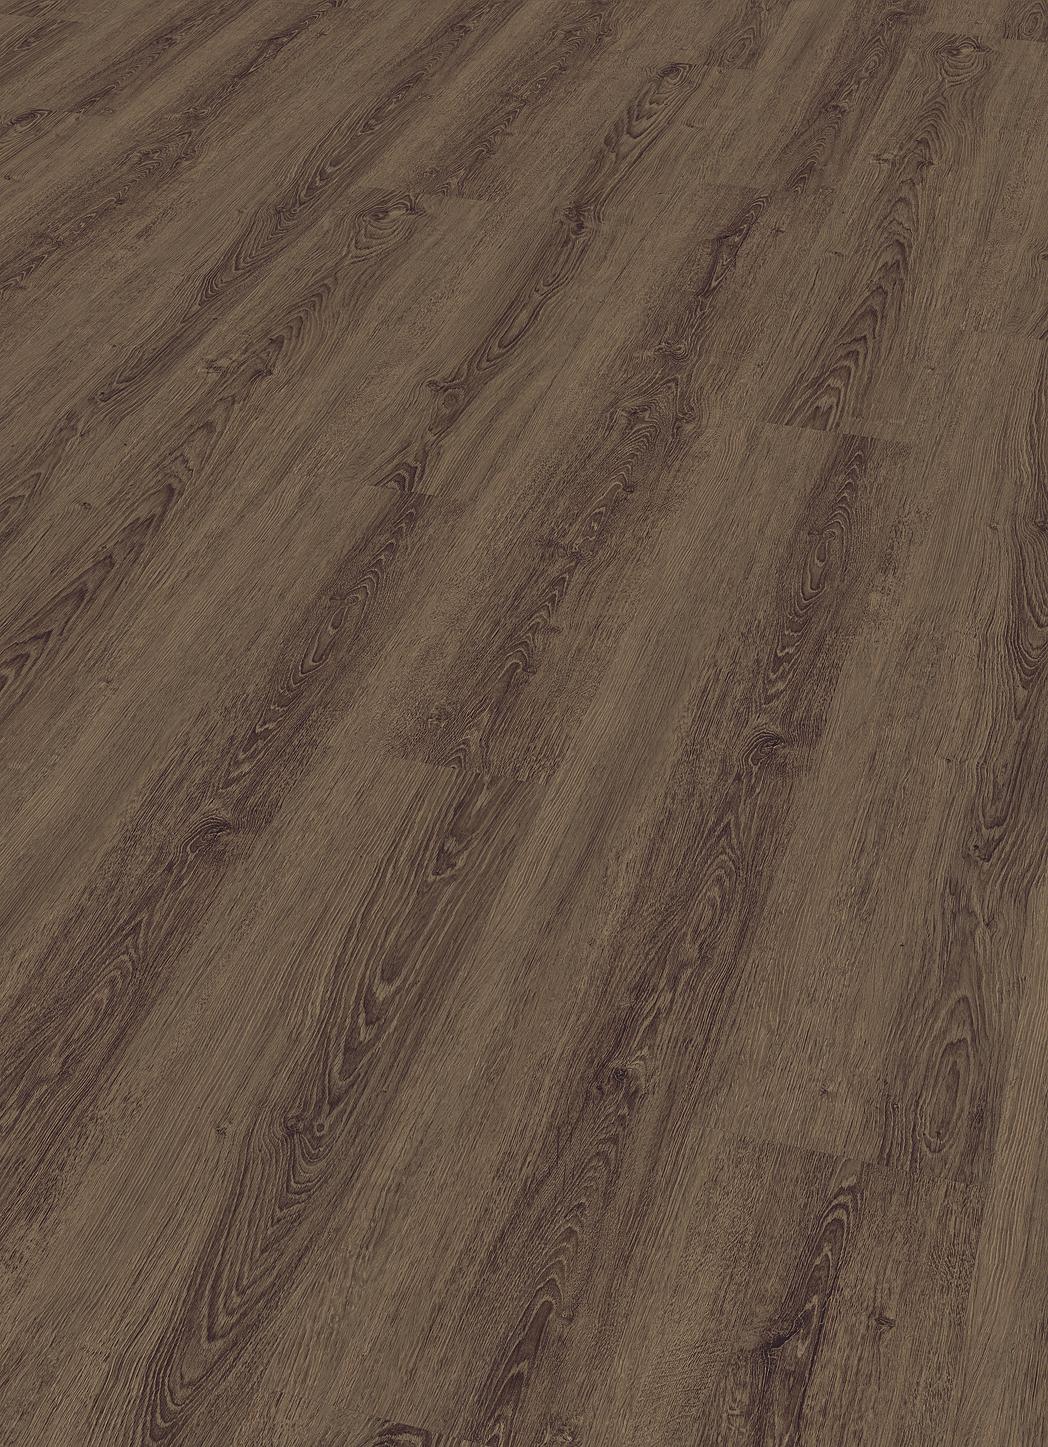 LVF1200 Luxury Vinyl Plank Oak Bogota Dark Brown Wood4Floors